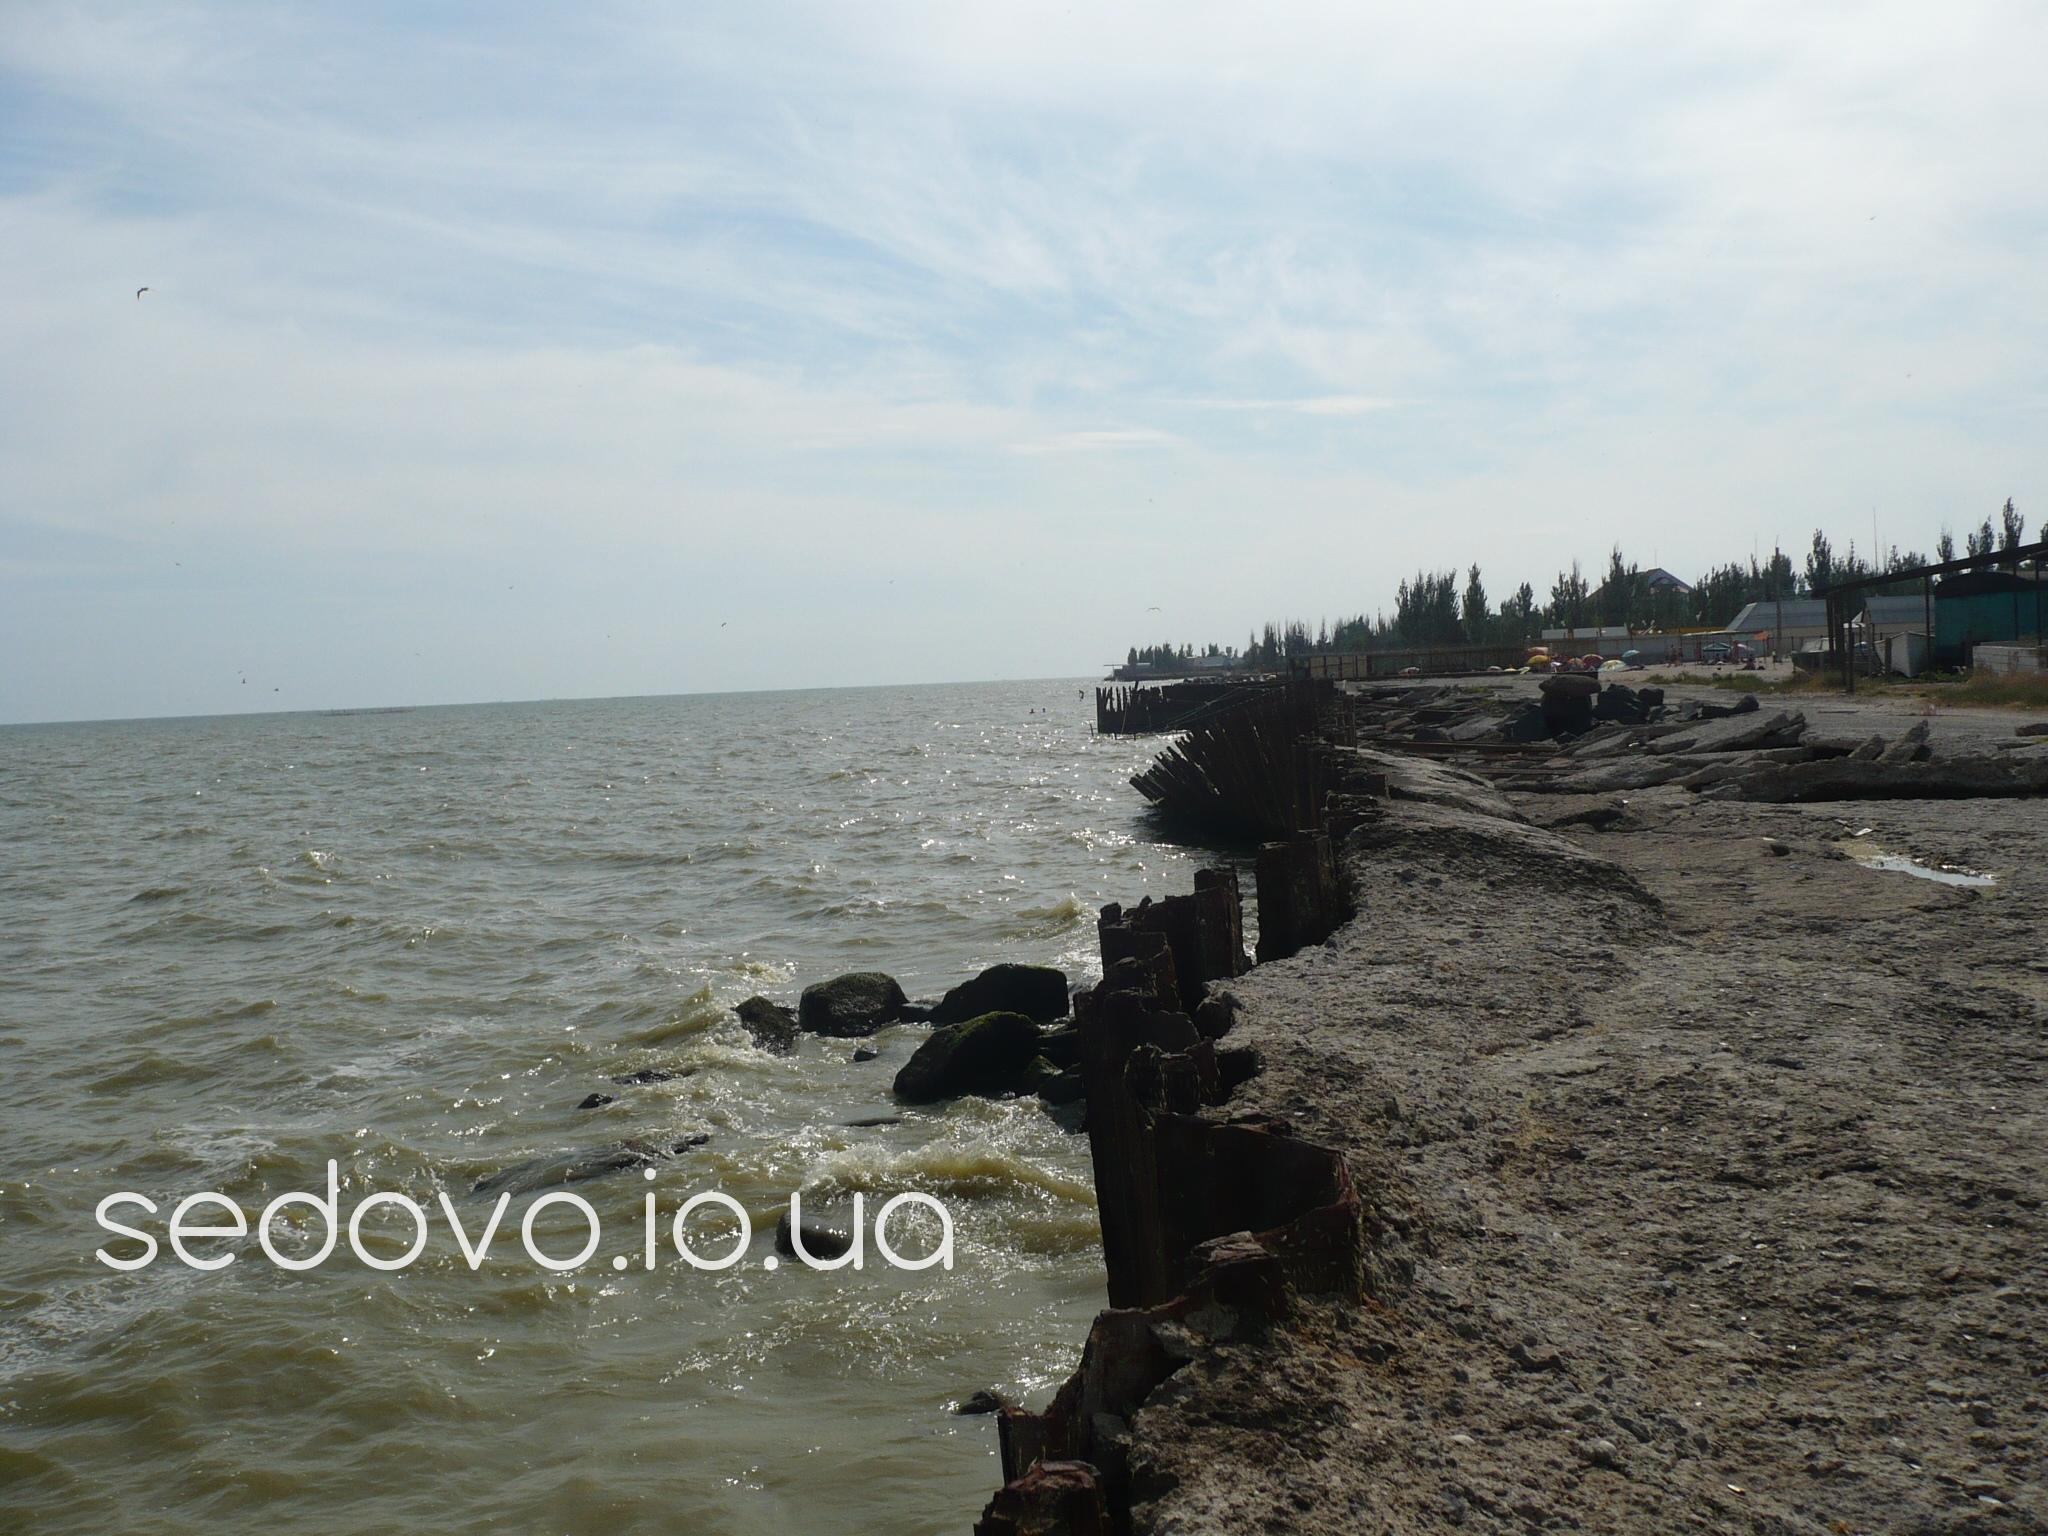 Седово центр города пляж возле исторического музея